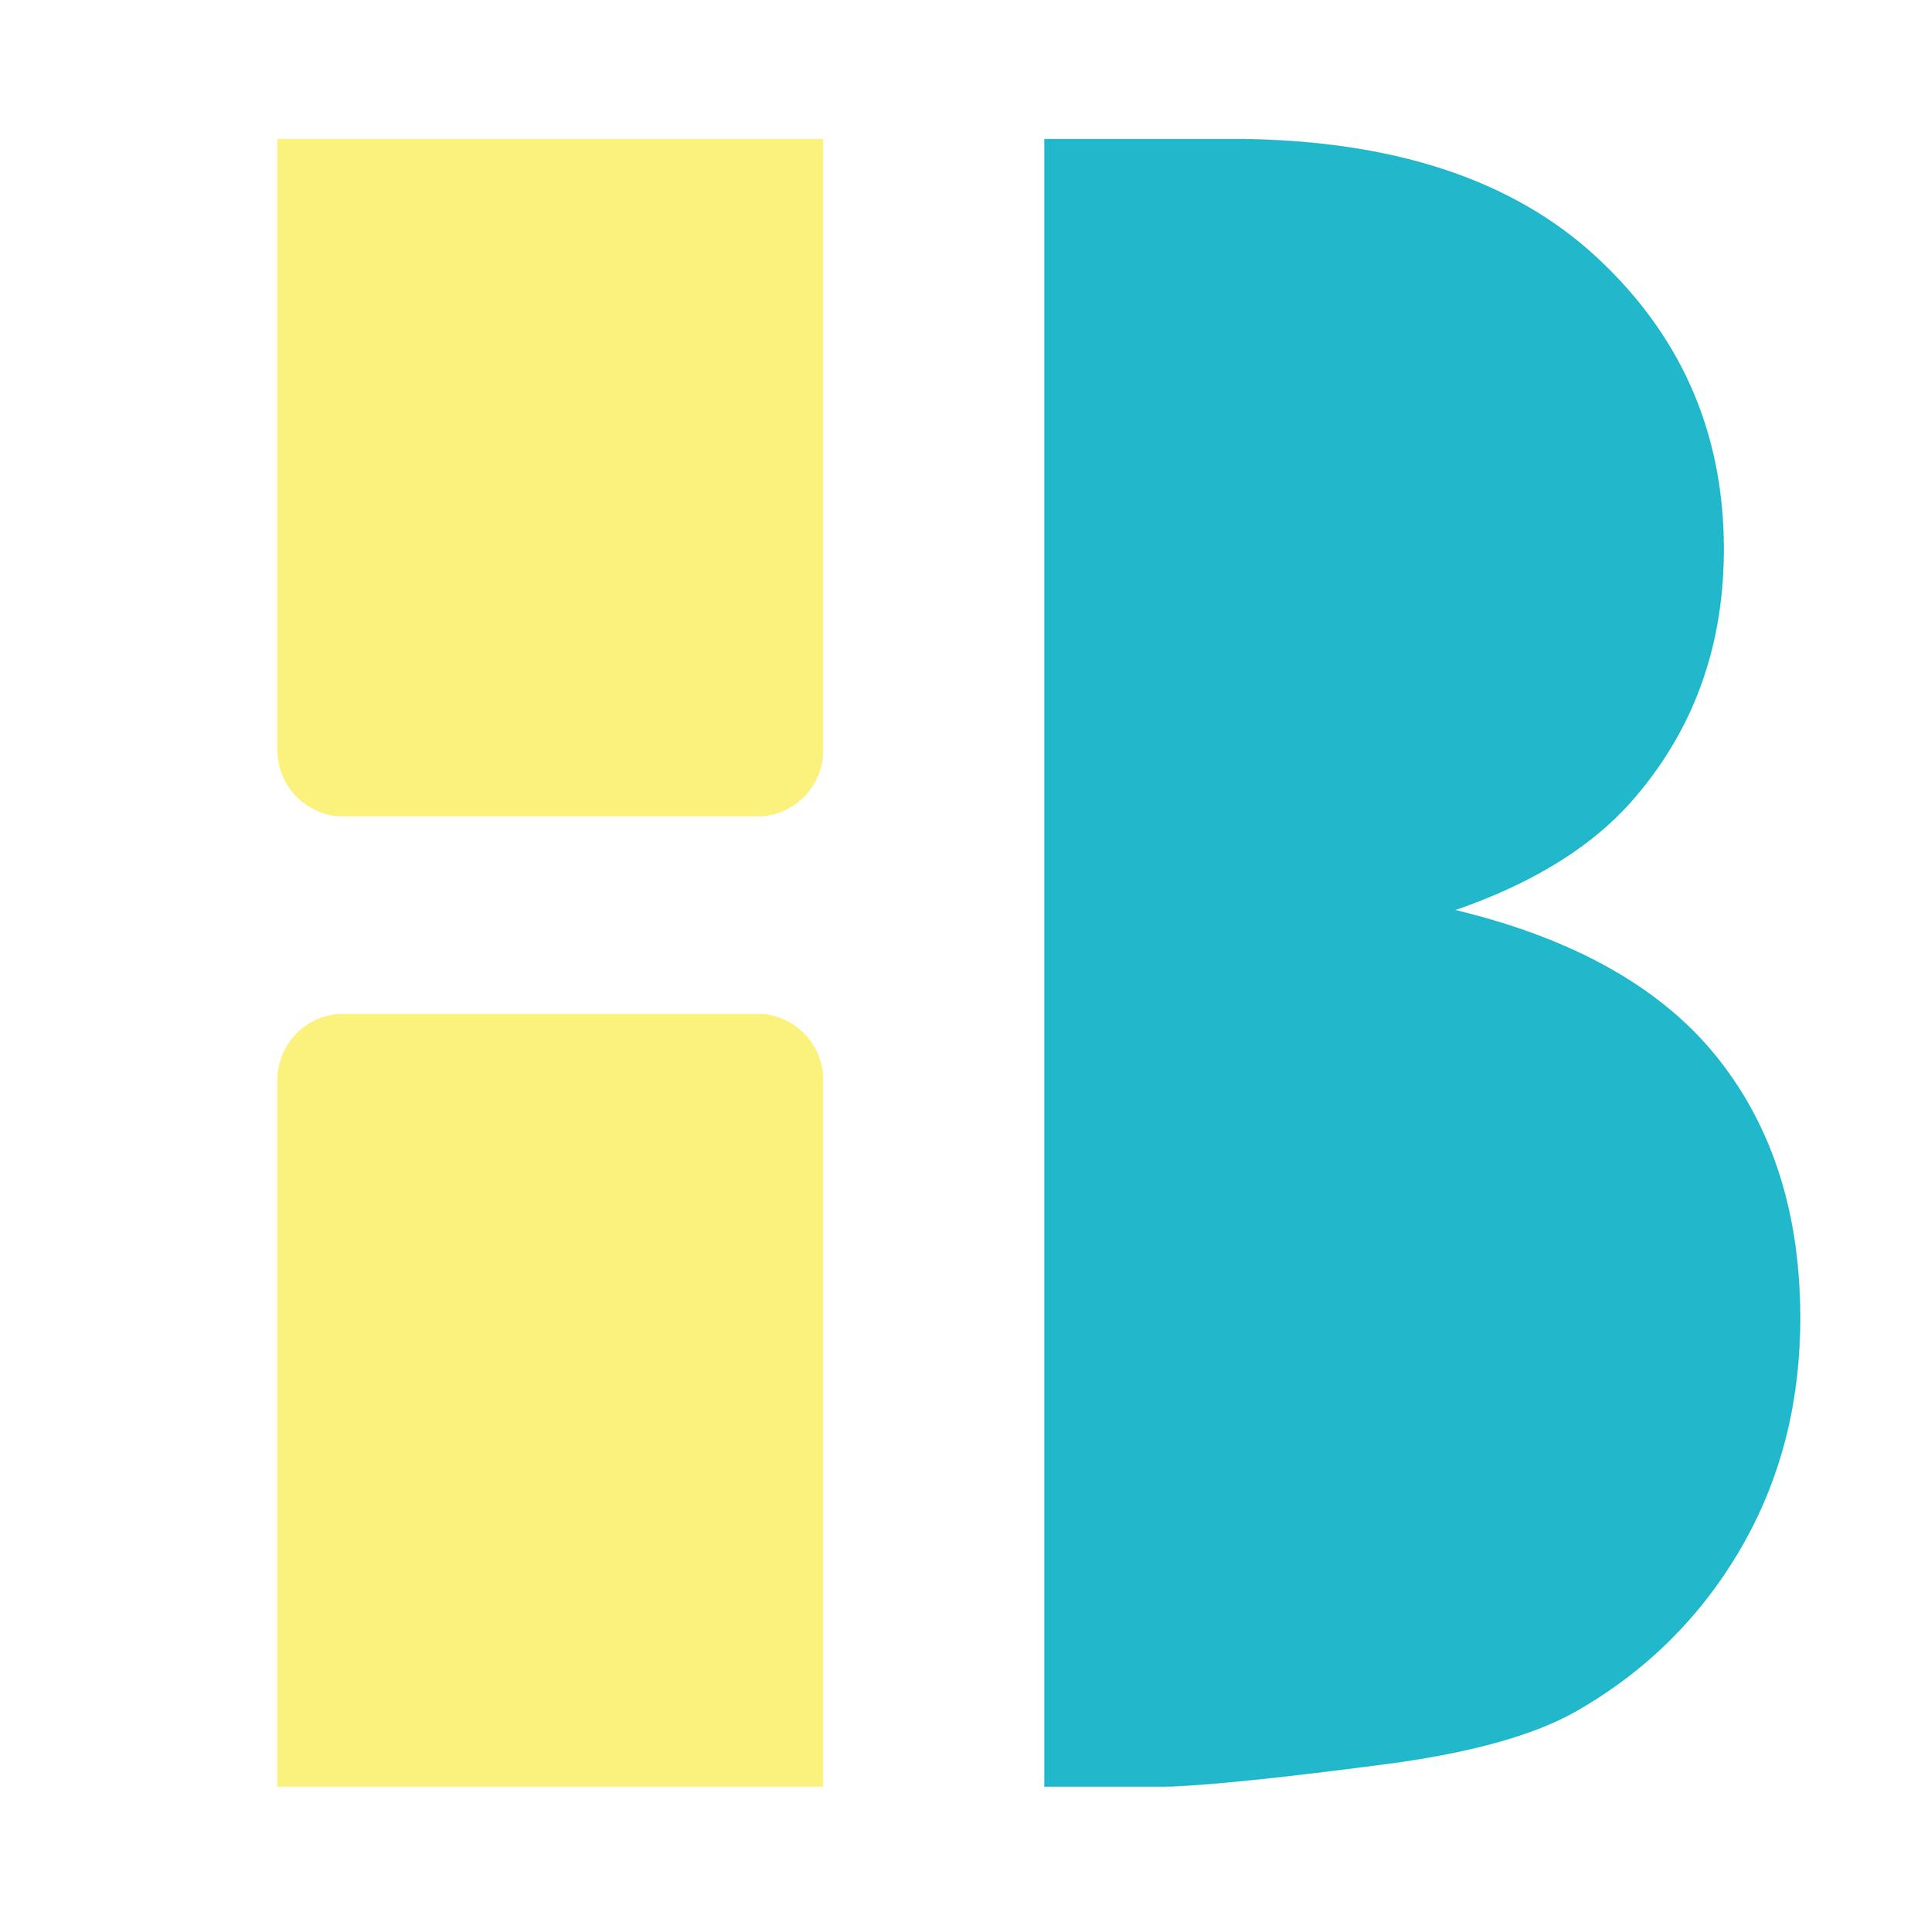 logo_BH.png